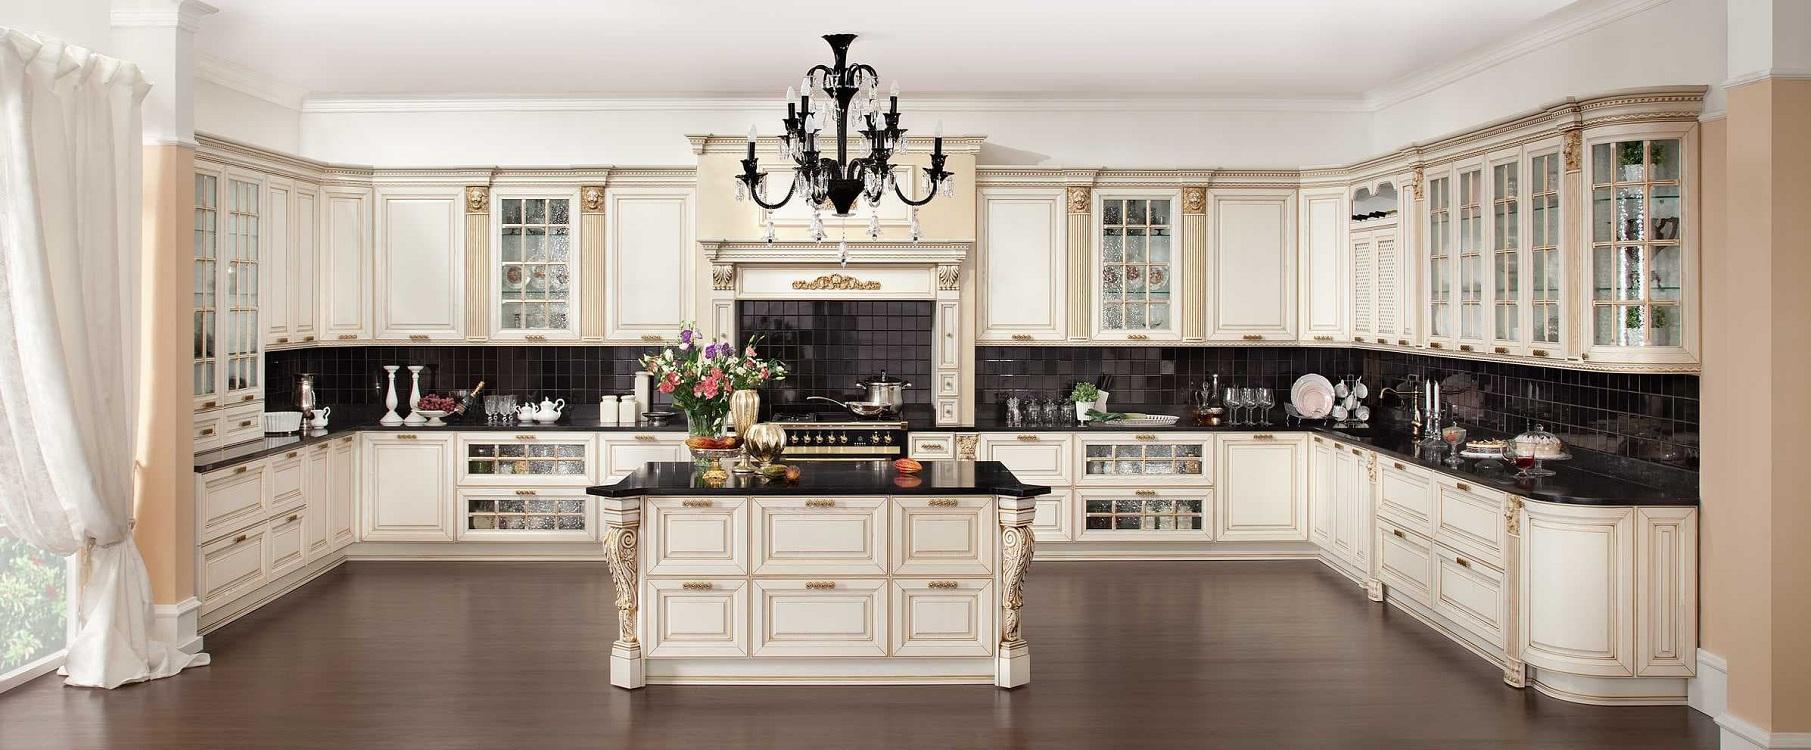 Подходящие стили для кухни оттенка айвори